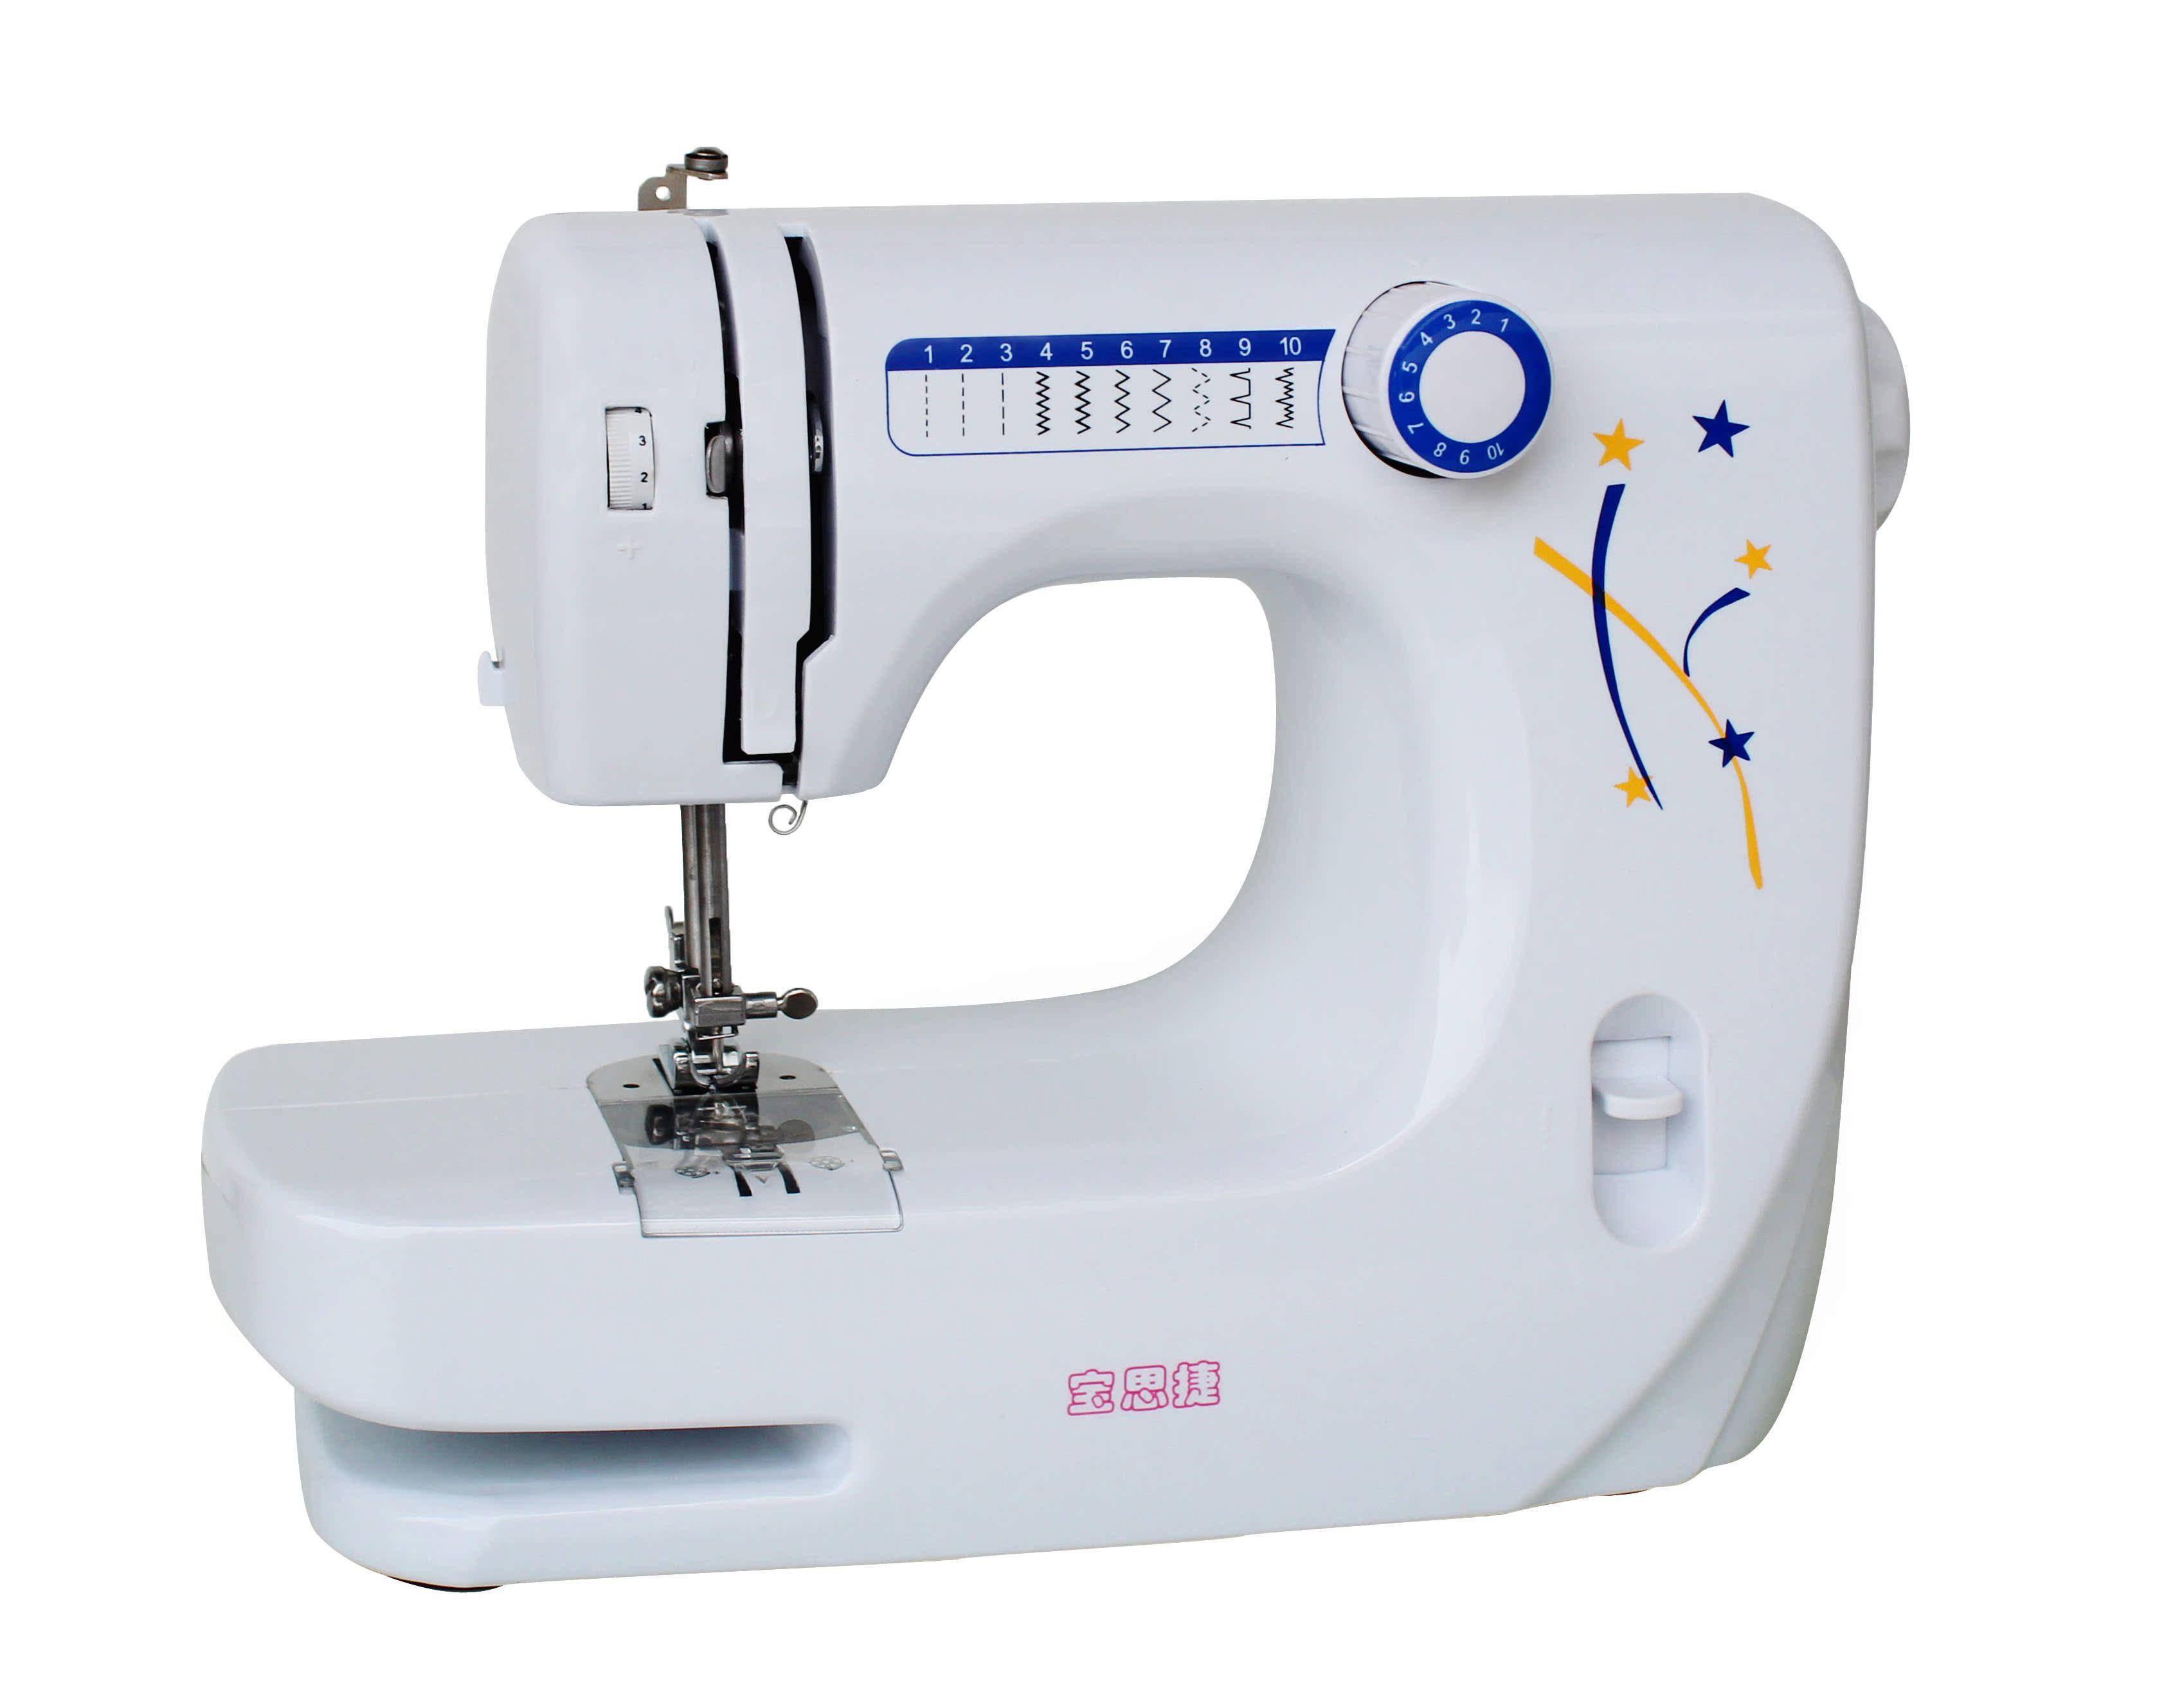 宝思捷缝纫机多功能家用缝纫机台式小型锁边双针脚踏吃厚更换压脚